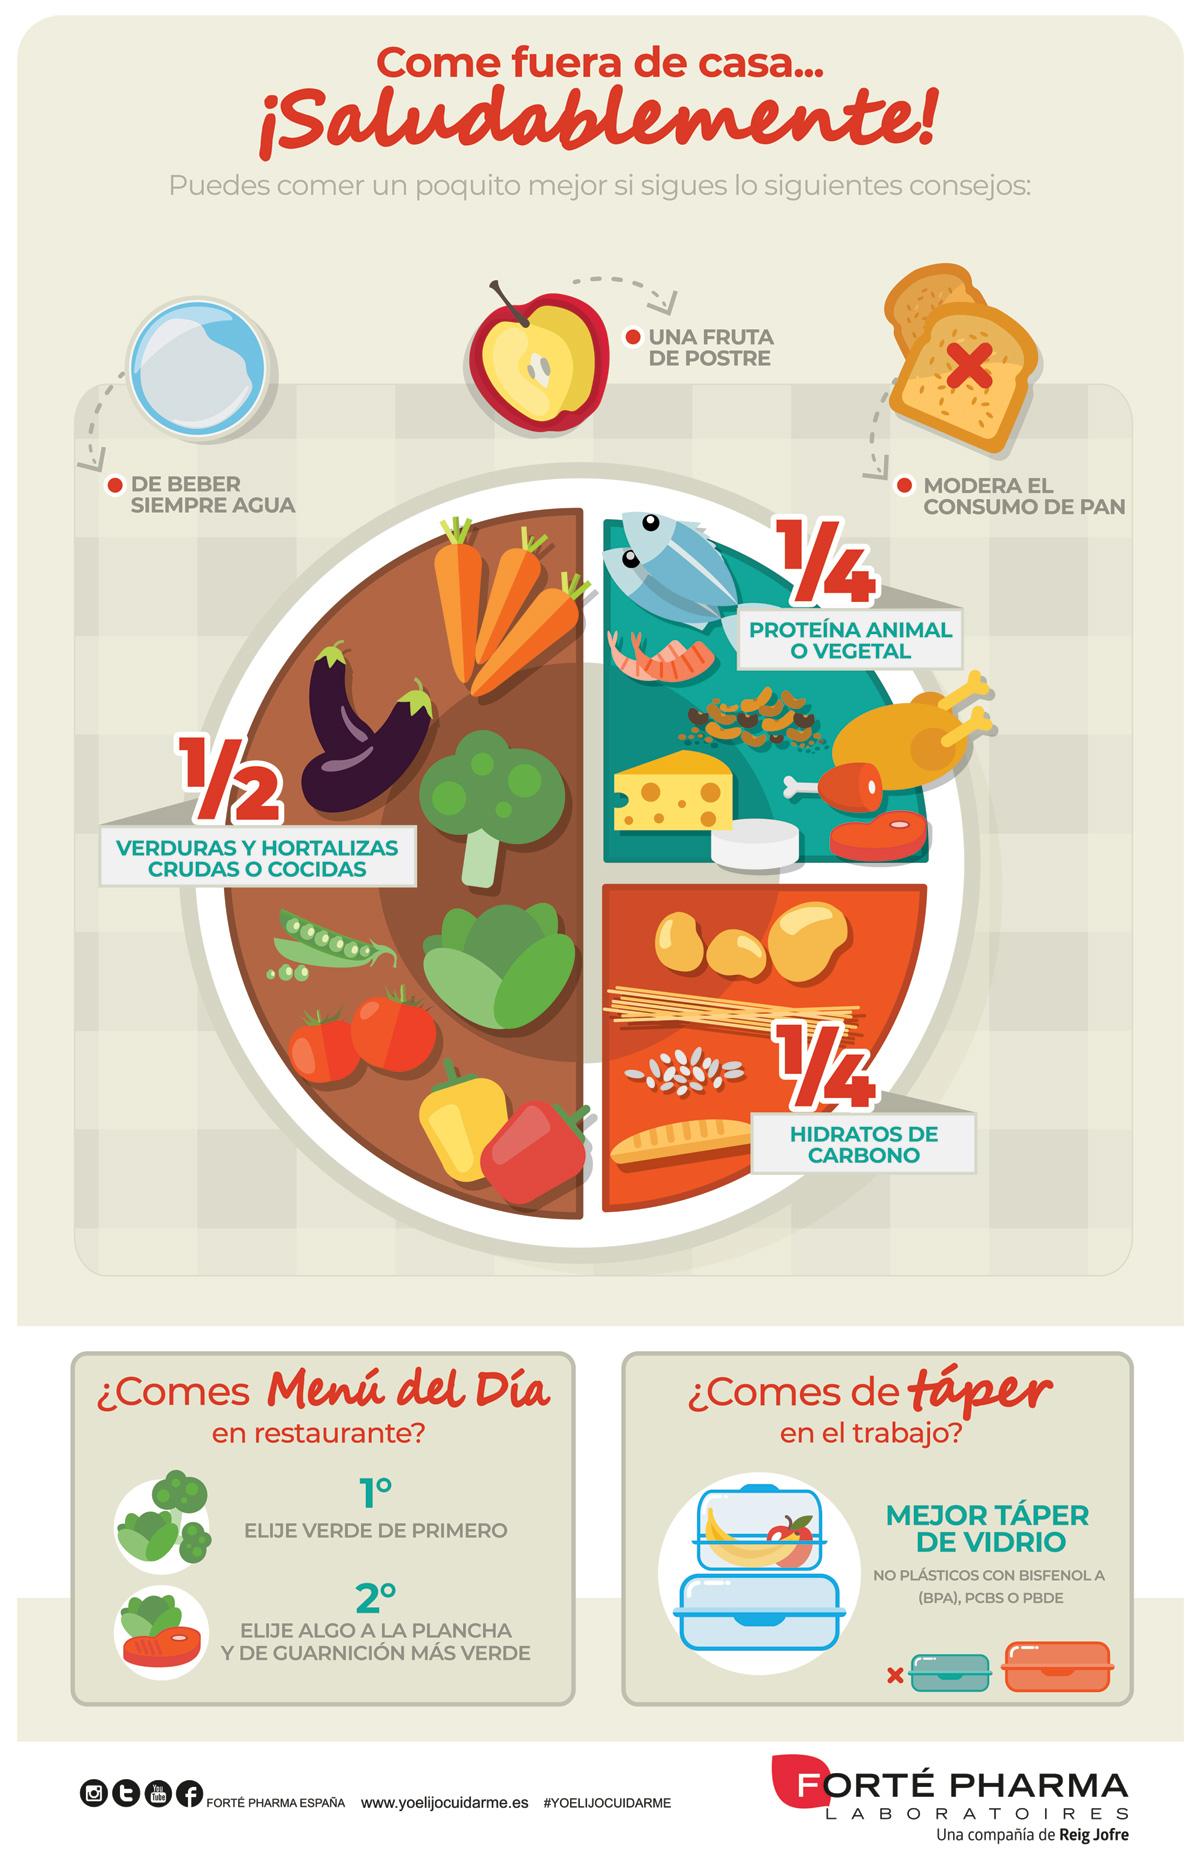 Claves para comer sano fuera de casa, de menú o táper en el trabajo